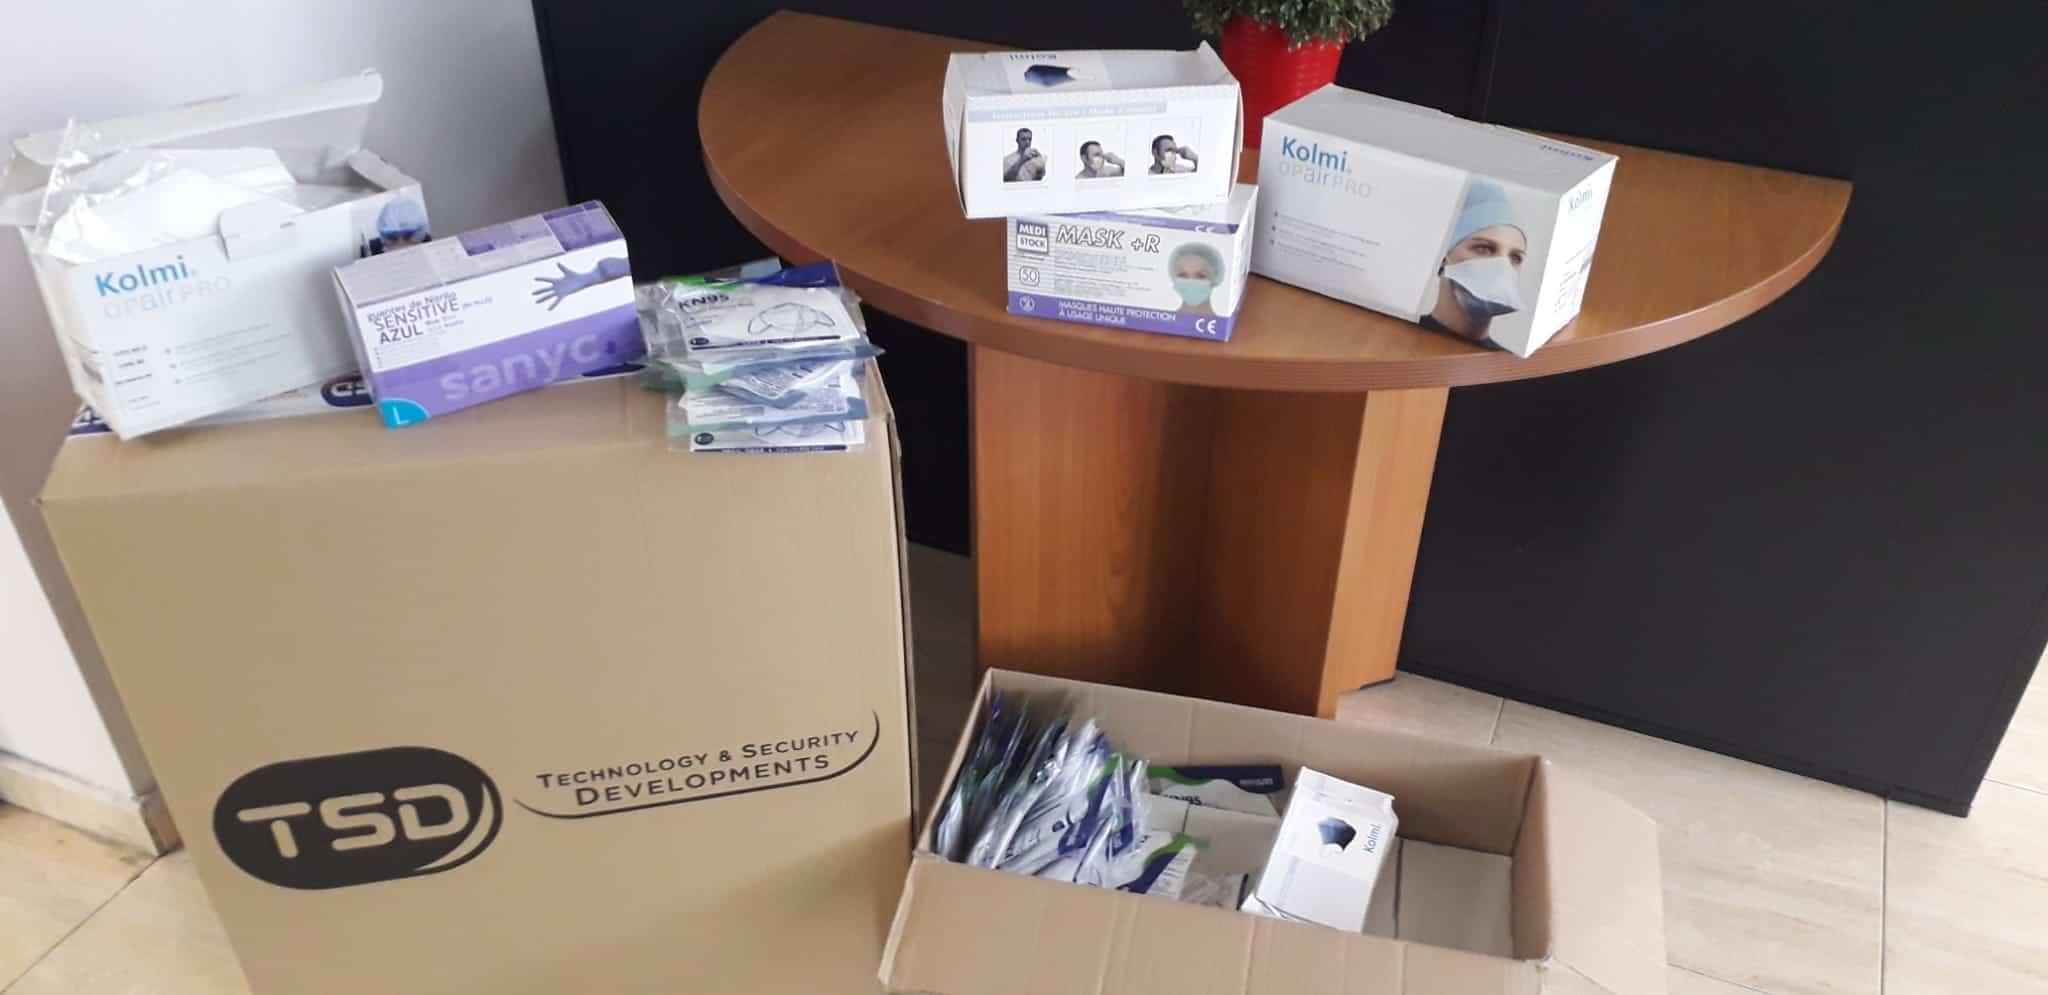 TSD dona material al hospital Mancha Centro 3